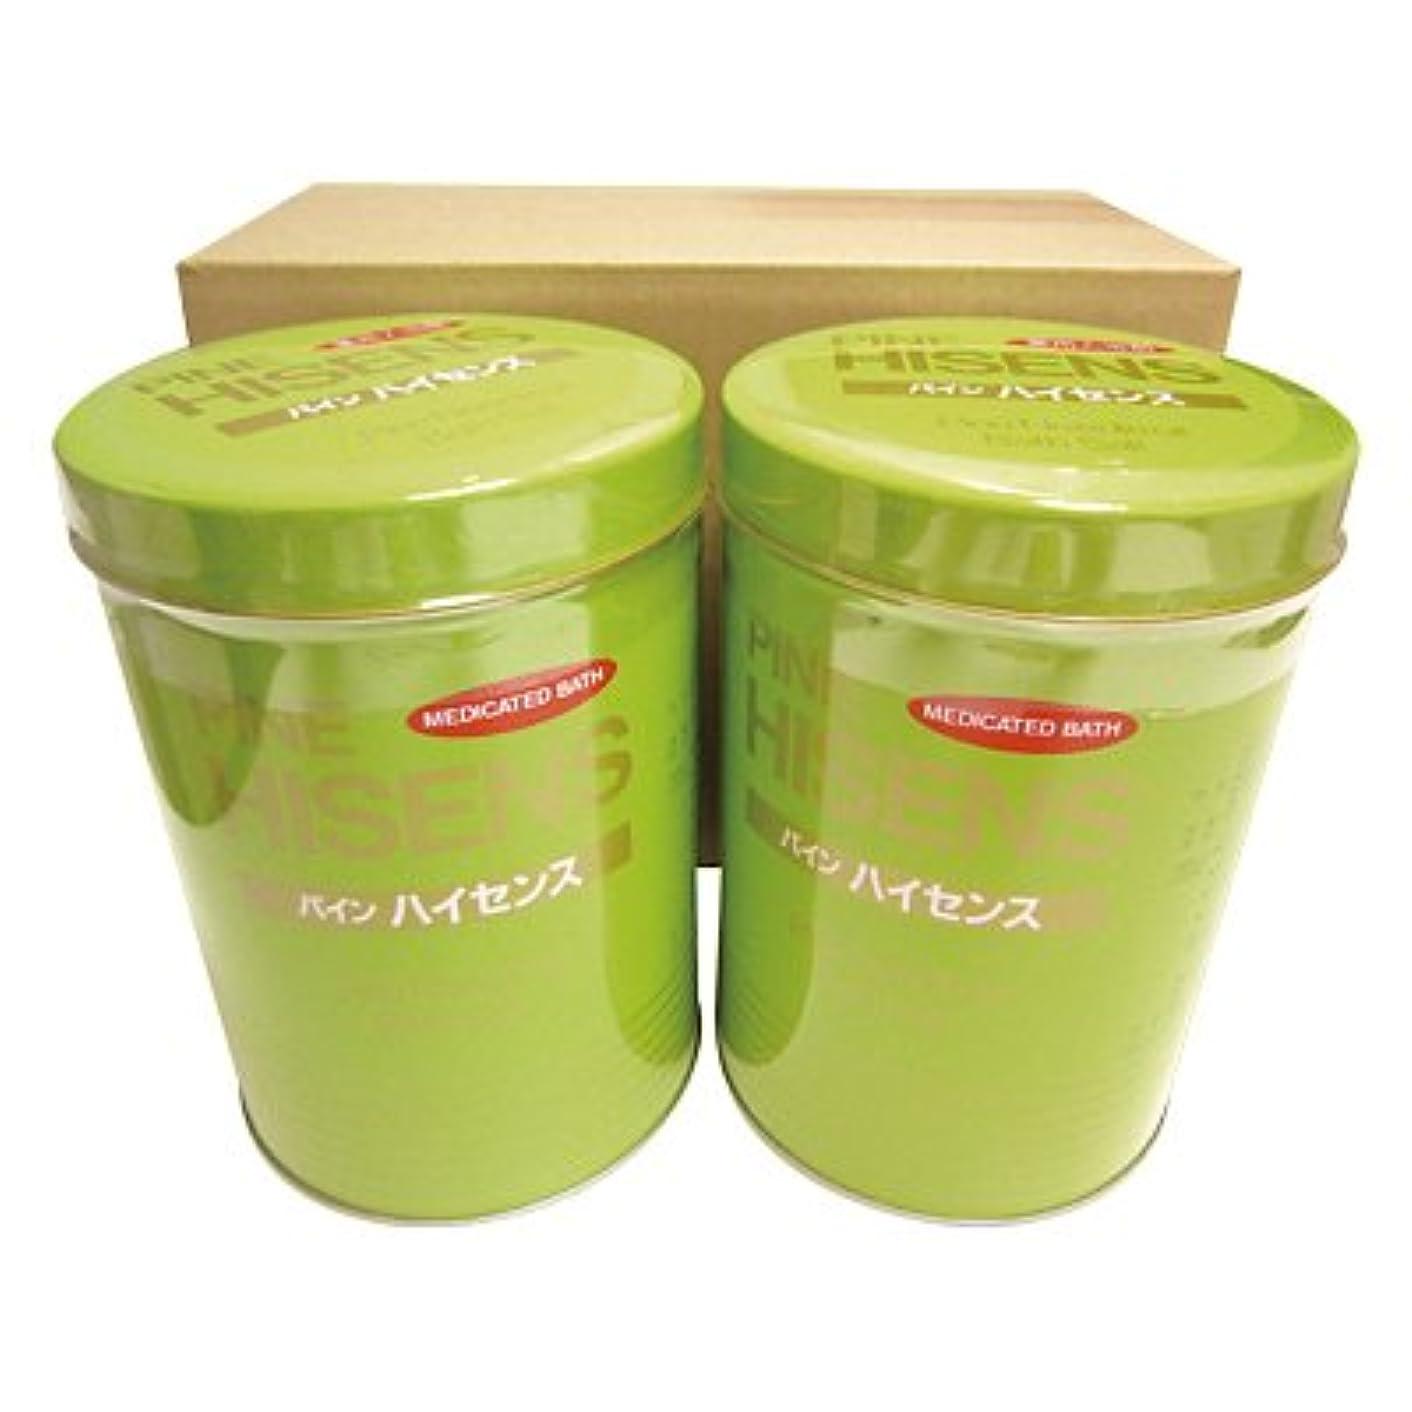 尊敬する同意ラウズ高陽社 薬用入浴剤 パインハイセンス 2.1kg 2缶セット